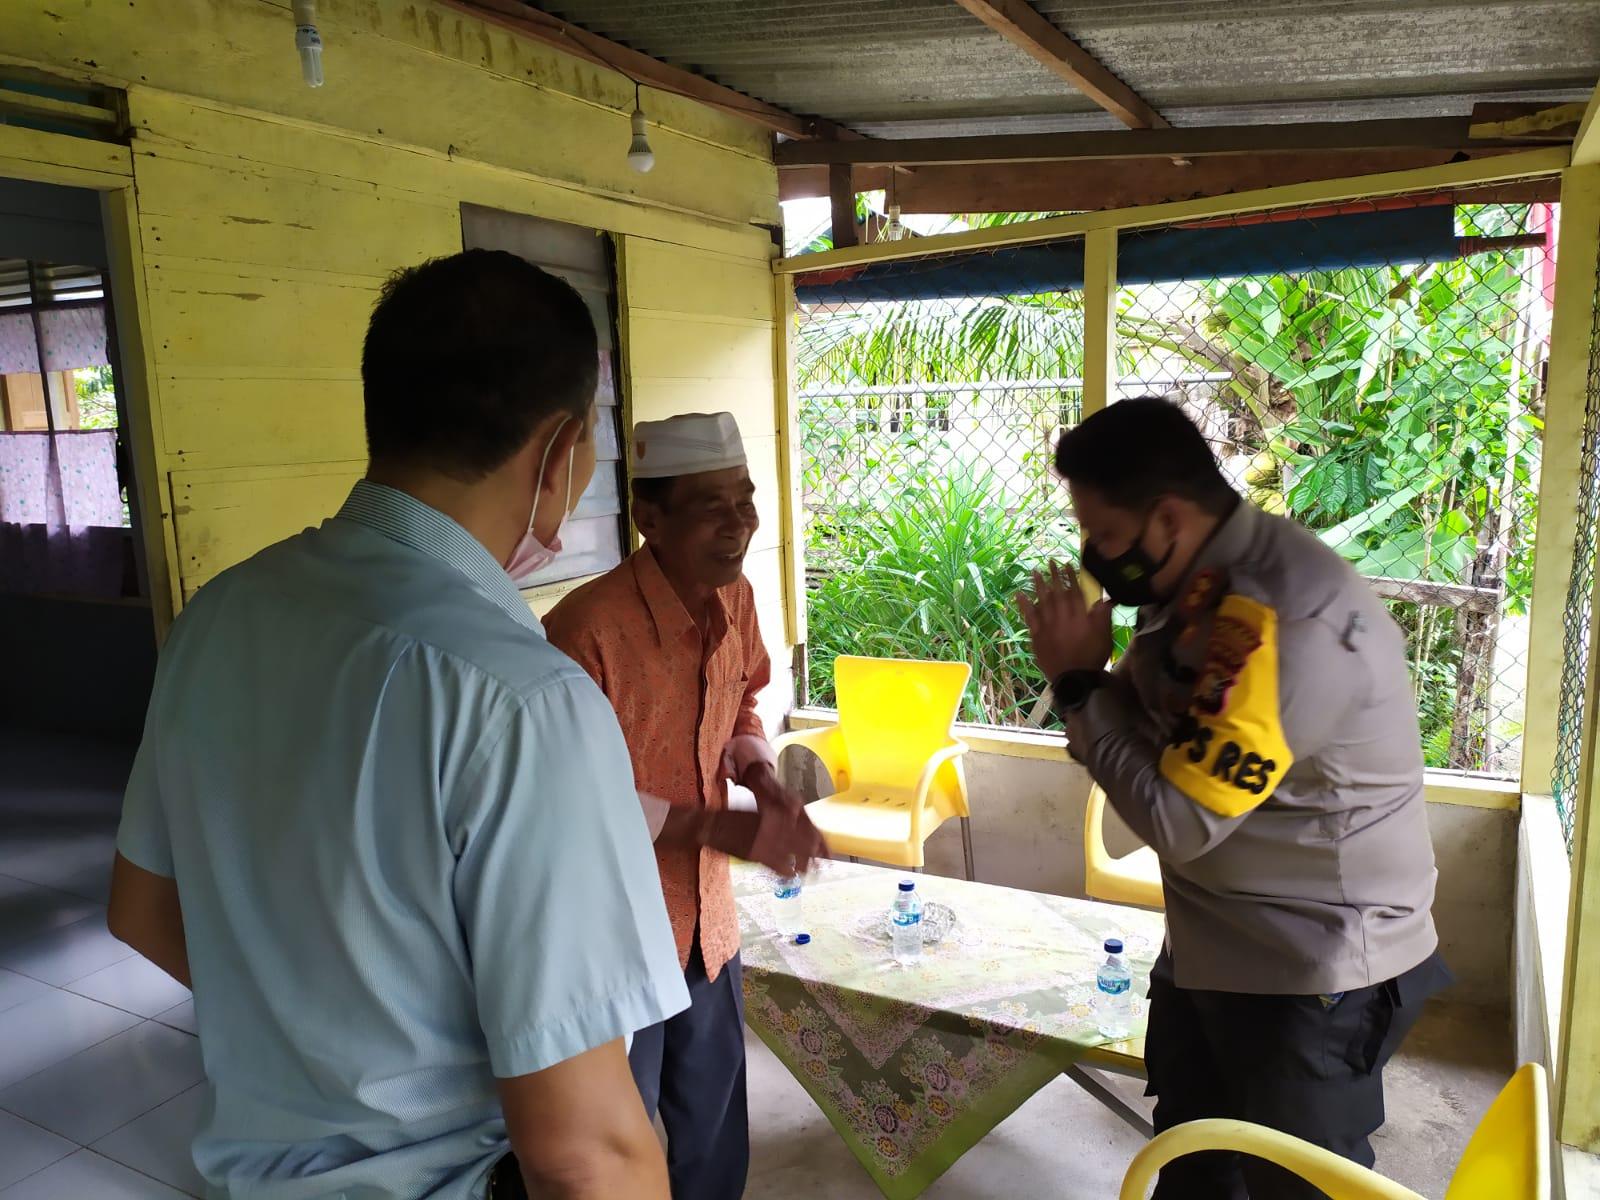 Foto Kapolres Kepulauan Meranti yang baru, AKBP Andi Yul L.T.G SH., SIK., saat bersilahturahmi kepada Ketua Majelis Kerapatan Adat (MKA) LAMR Datuk H. Ridwan Hasan di kediamannya.